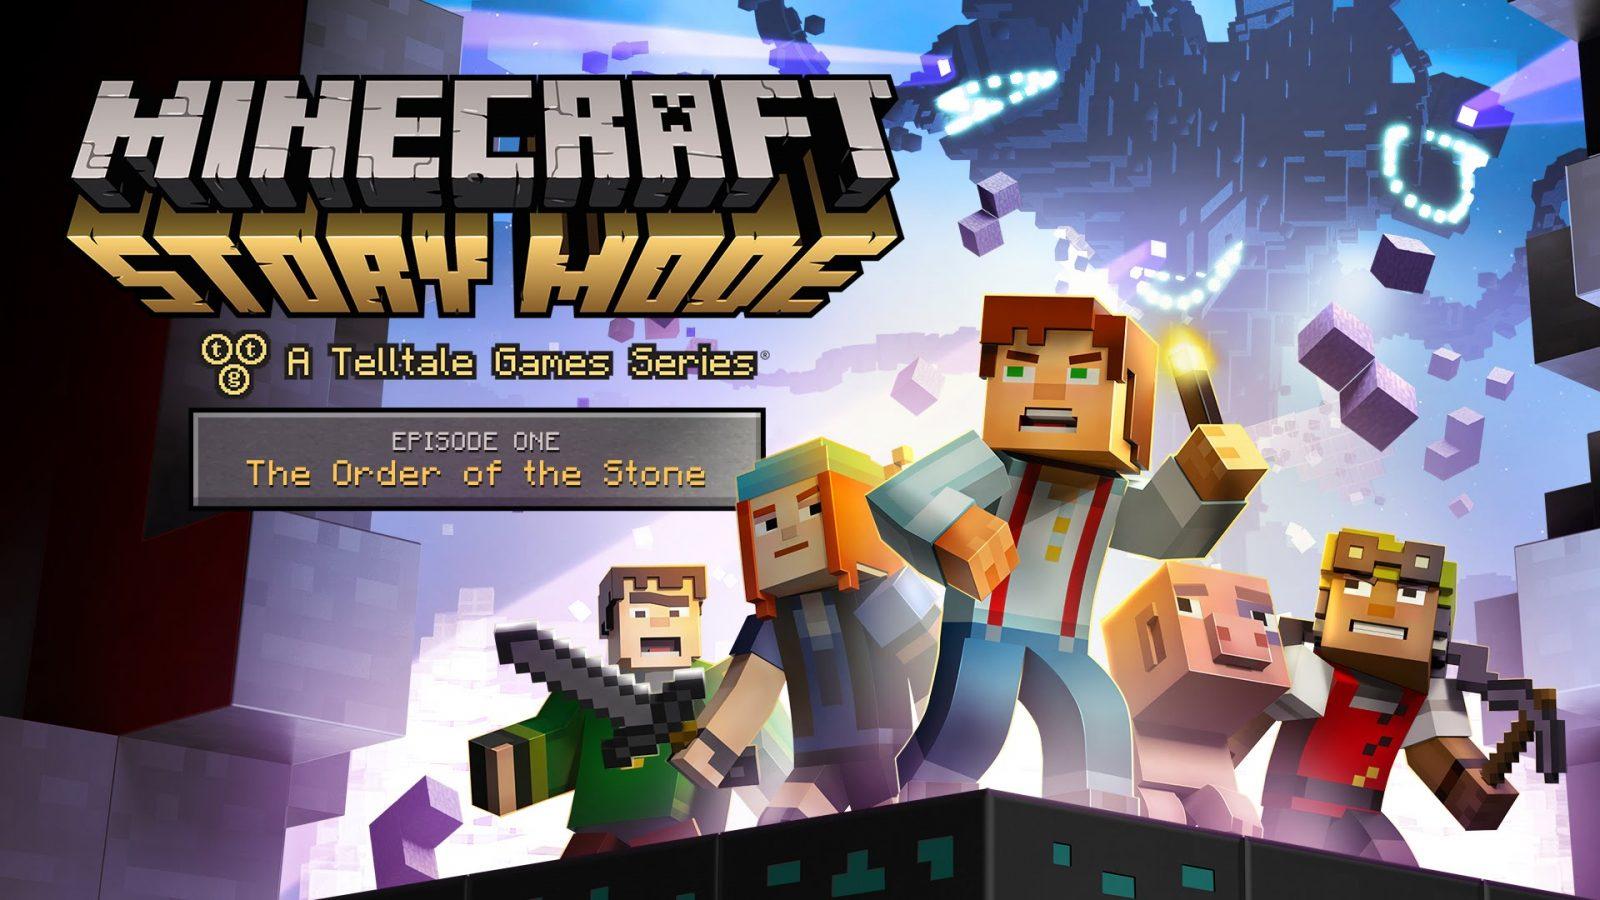 لعبة Minecraft Story Mode ، قم بتنزيل لعبة Minecraft Story Mode ، قم بتنزيل لعبة Minecraft Story Mode بحجم منخفض ، قم بتنزيل لعبة Minecraft Story Mode للكمبيوتر بسرعة عالية ، قم بتنزيل لعبة Minecraft Story Mode للكمبيوتر الشخصي برابط مباشر ، قم بتنزيل لعبة Minecraft Story Mode الجديدة ، تنزيل  قم بكسر دليل التثبيت الخاص بلعبة Minecraft Story Mode ، قم بتنزيل إصدار Blackbox من لعبة Blackbox Minecraft Story Mode ، قم بتنزيل الإصدار المضغوط من لعبة Minecraft Story Mode بحجم منخفض ، قم بتنزيل Minecraft Story Mode